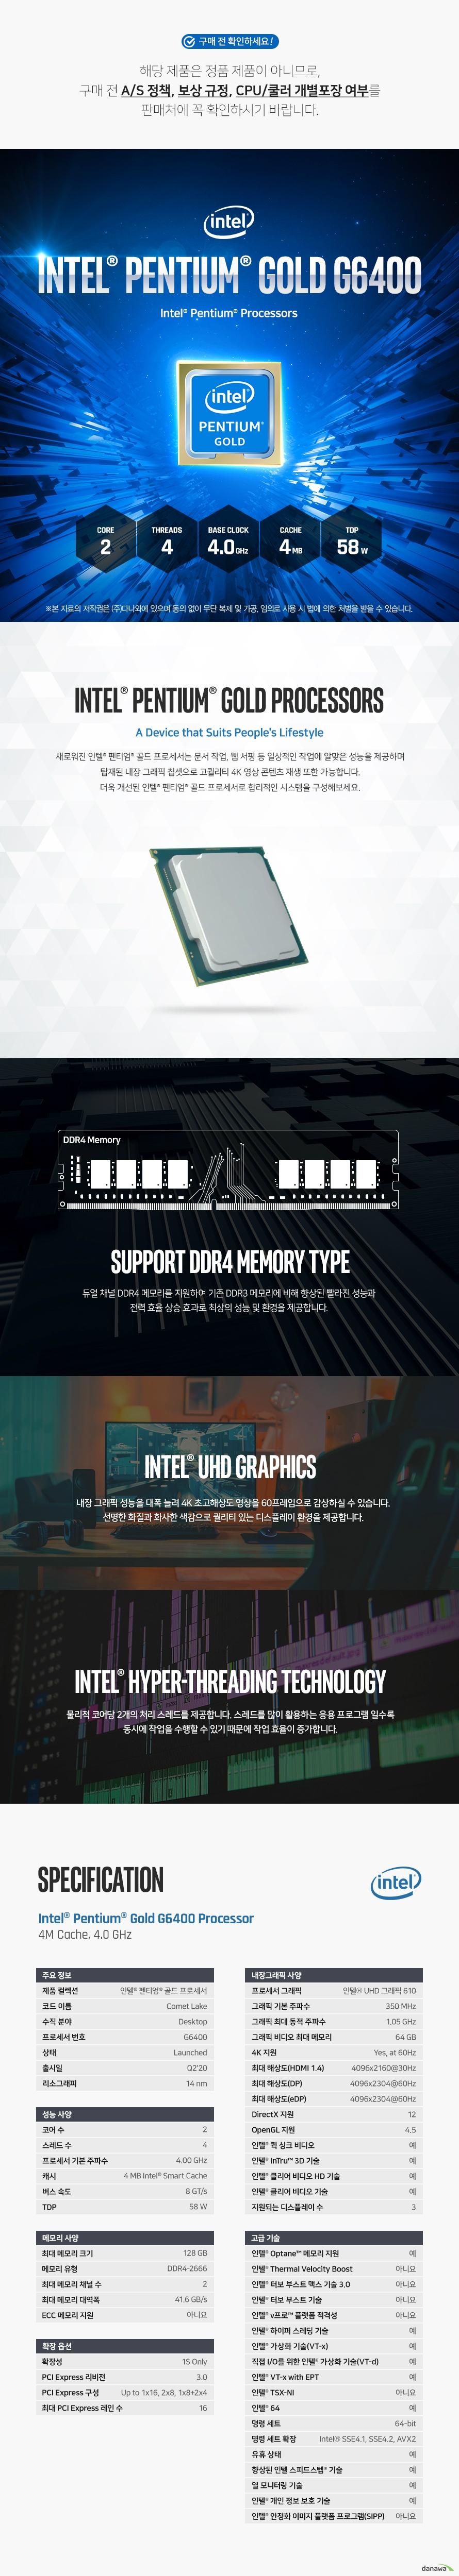 새로워진 인텔 펜티엄 골드 프로세서는 문서 작업, 웹 서핑 등 일상적인 작업에 알맞은 성능을 제공하며 탑재된 내장 그래픽 칩셋으로 고퀄리티 4K 영상 콘텐츠 재생 또한 가능합니다. 더욱 개선된 인텔 펜티엄 골드 프로세서로 합리적인 시스템을 구성해보세요.  듀얼 채널 DDR4 메모리를 지원하여 기존 DDR3 메모리에 비해 향상된 빨라진 성능과 전력 효율 상승 효과로 최상의 성능 및 환경을 제공합니다.  내장 그래픽 성능을 대폭 늘려 4K 초고해상도 영상을 60프레임으로 감상하실 수 있습니다.  선명한 화질과 화사한 색감으로 퀄리티 있는 디스플레이 환경을 제공합니다.  물리적 코어당 2개의 처리 스레드를 제공합니다. 스레드를 많이 활용하는 응용 프로그램 일수록 동시에 작업을 수행할 수 있기 때문에 작업 효율이 증가합니다.